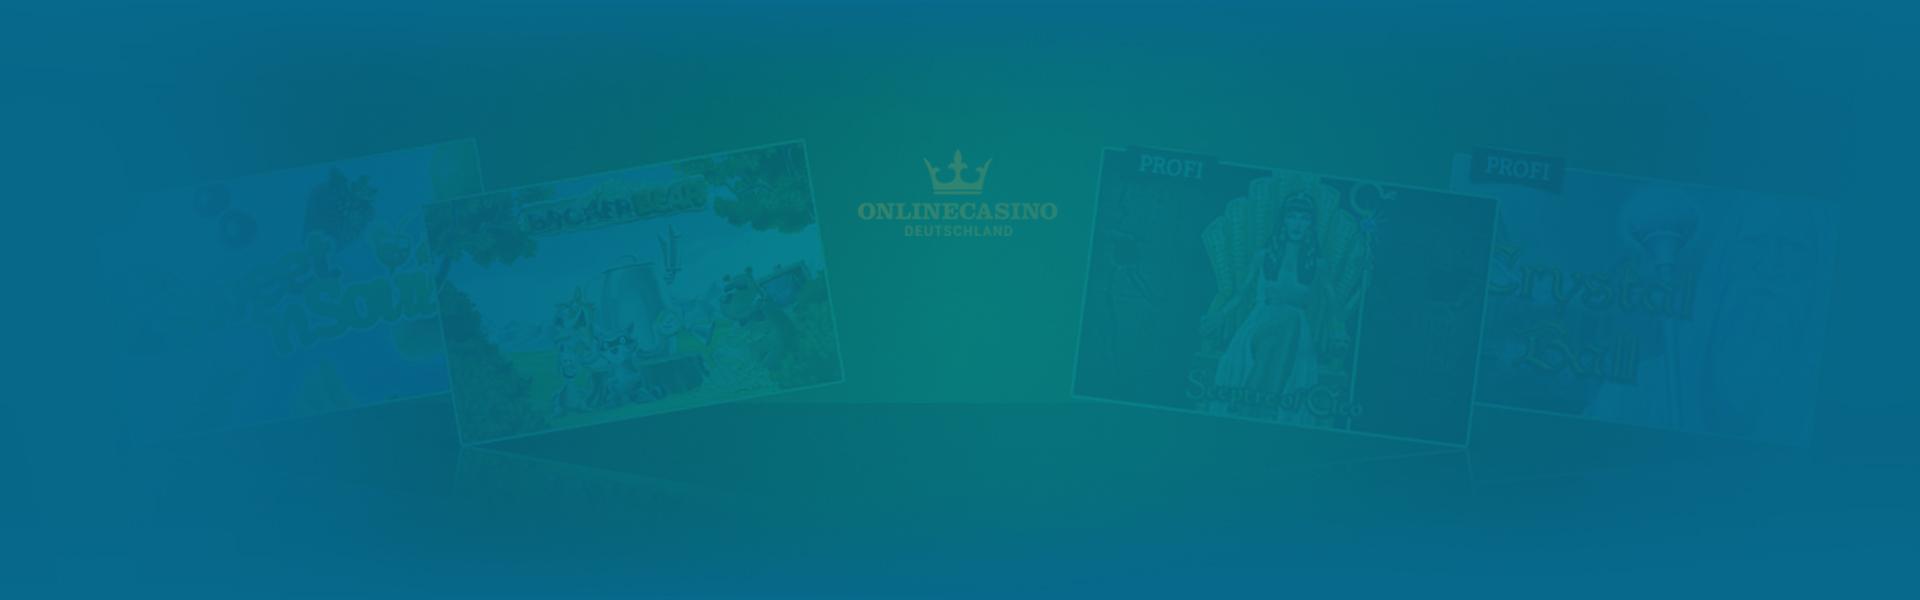 Online Casino Deutschland background 1920x600